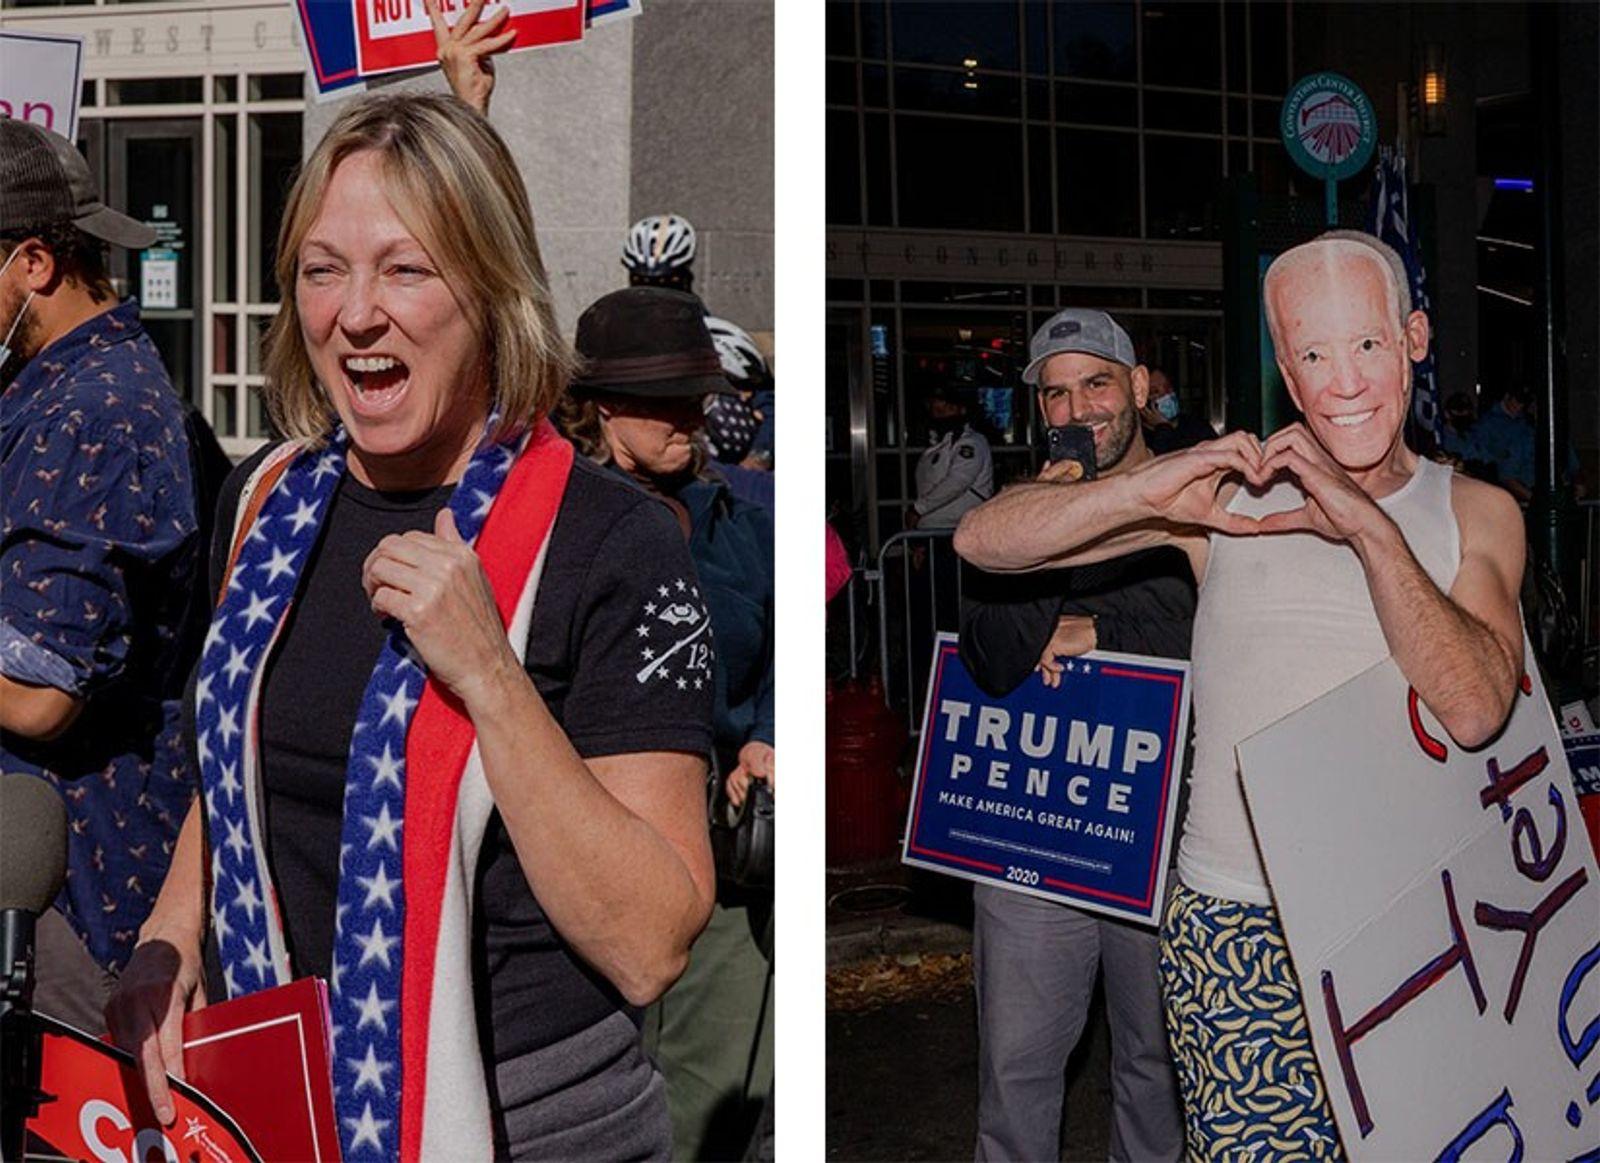 Esquerda: Enquanto os boletins de voto eram contados na manhã de quinta-feira, no Centro de Convenções ...